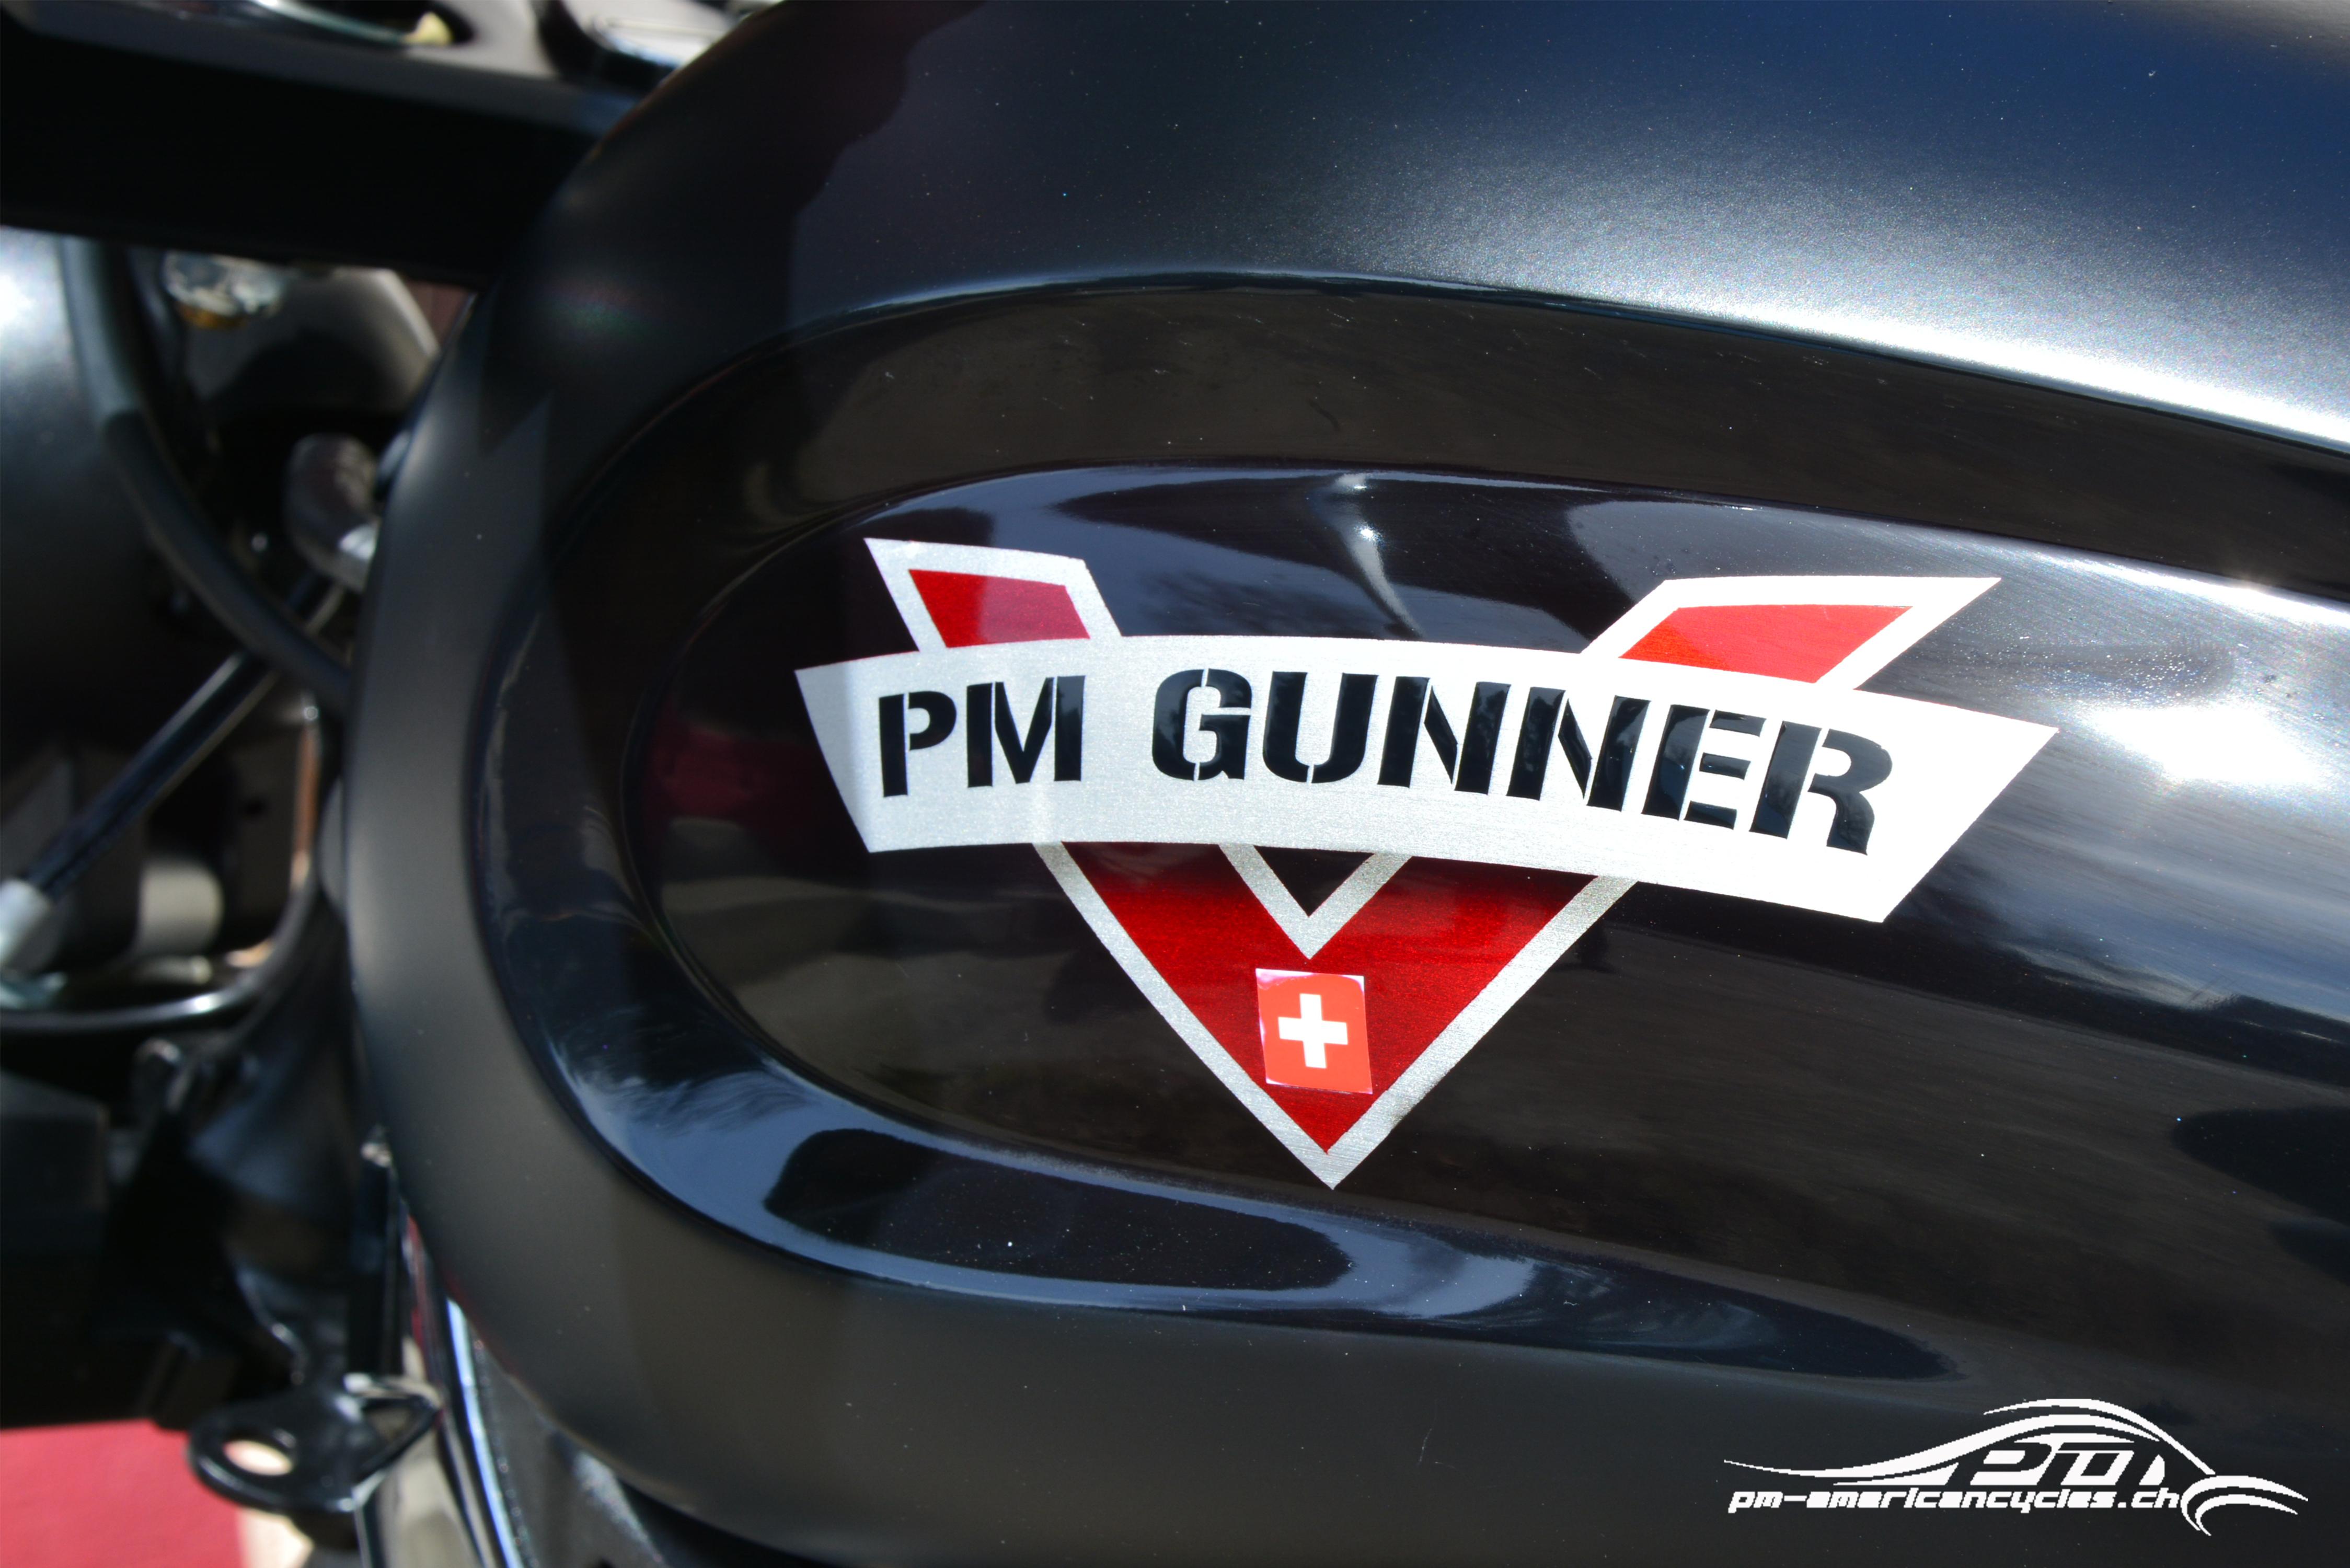 PM GUNNER